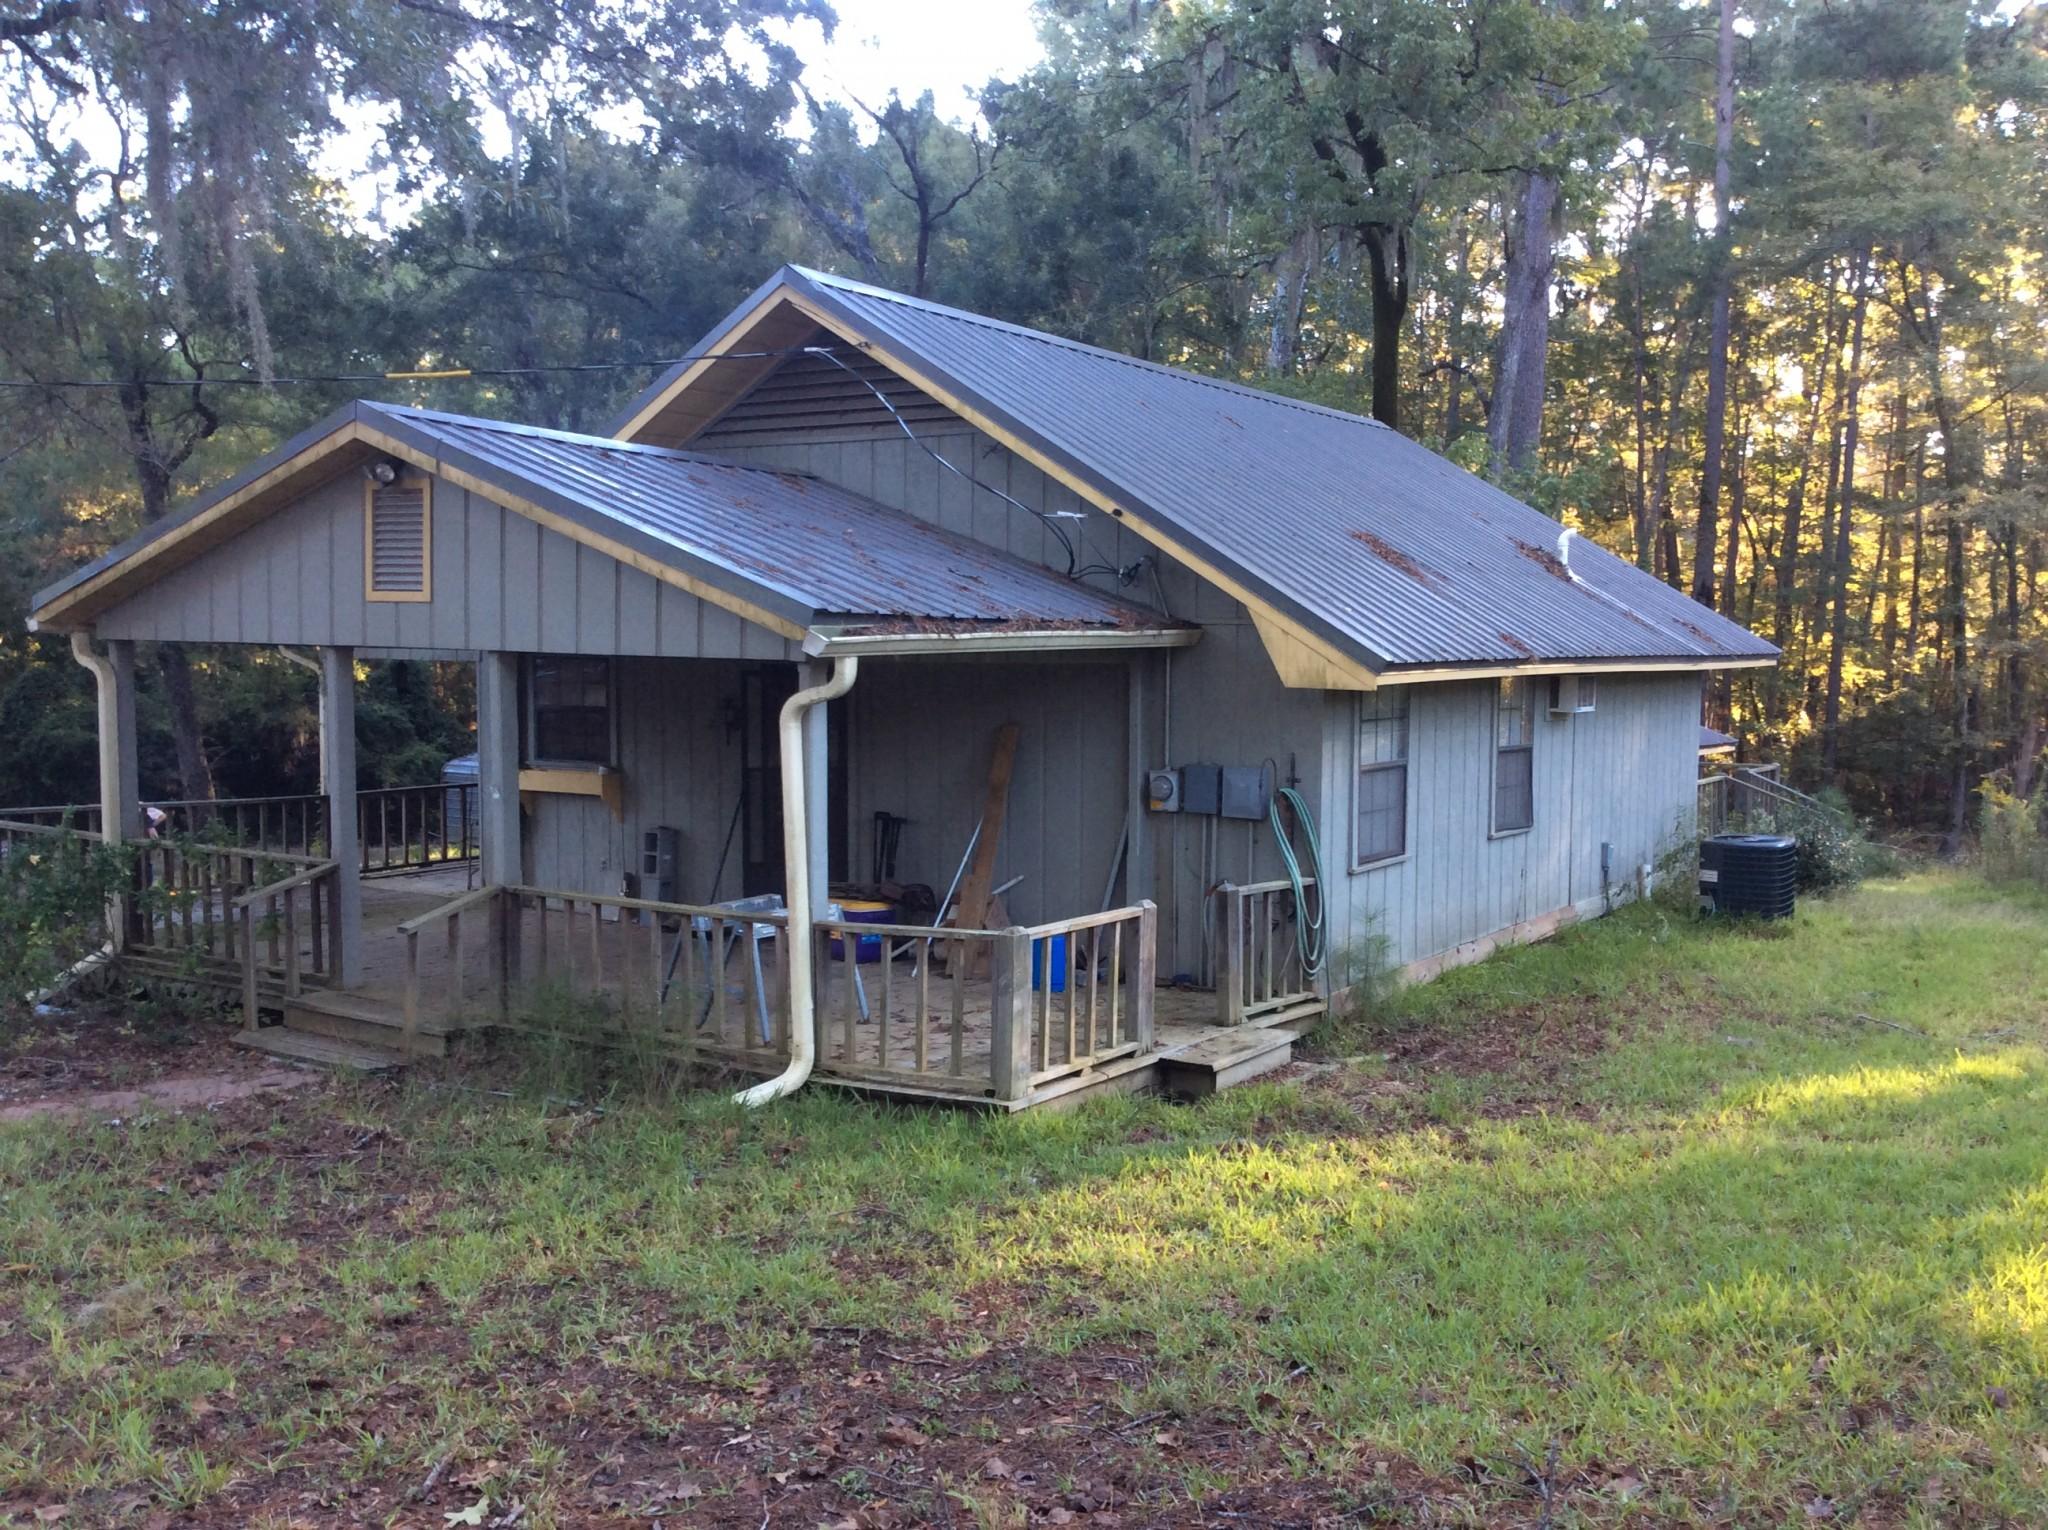 Teal Lane Camp on Saline Lake, Winn Parish